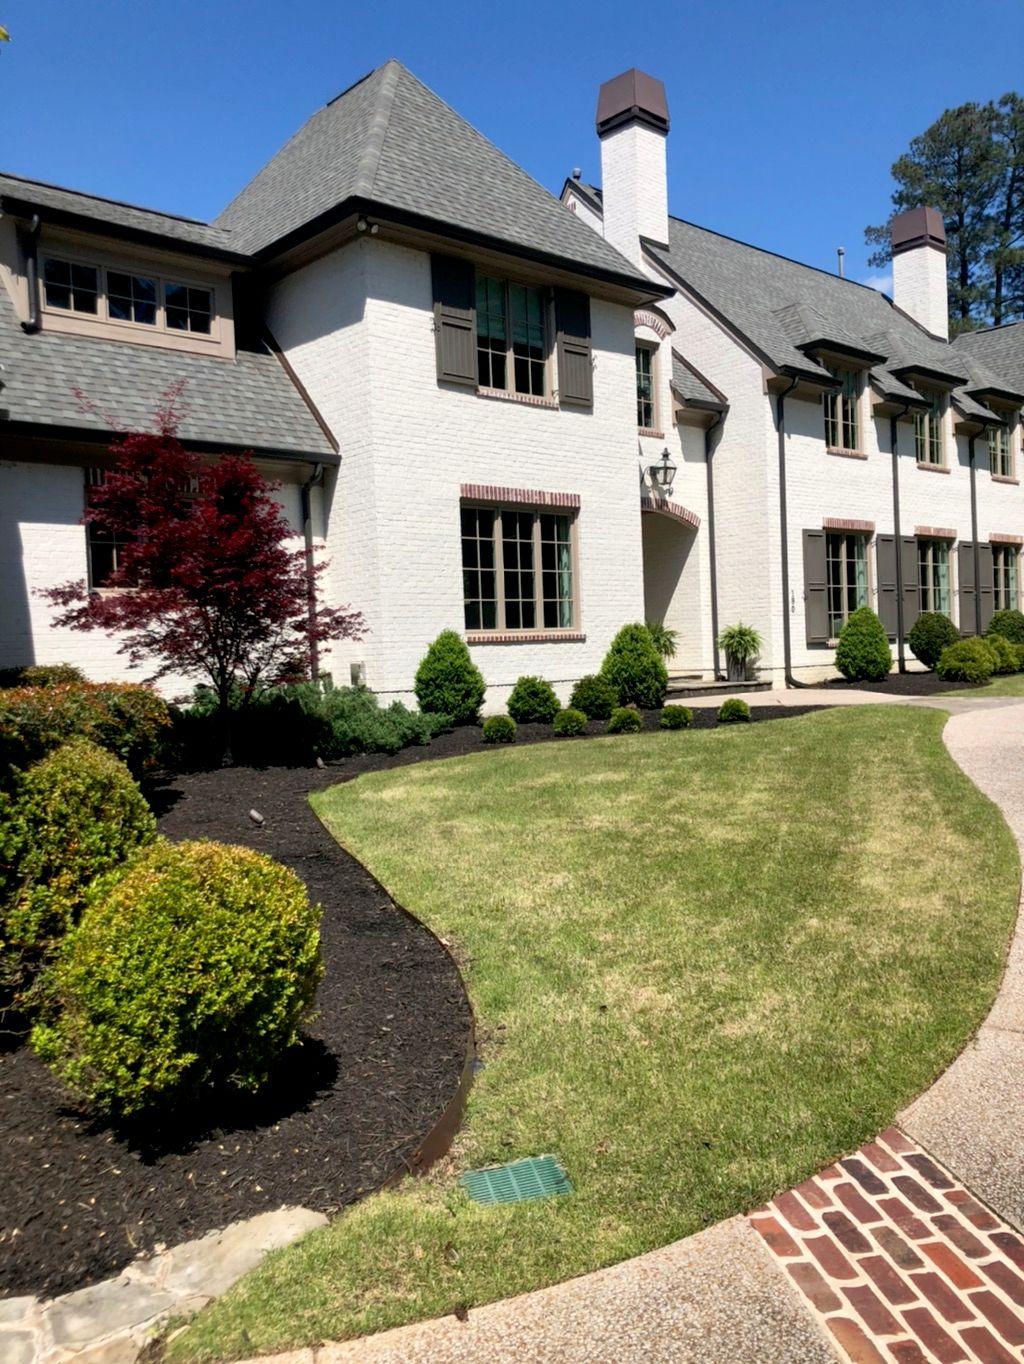 H&W Lawn Care